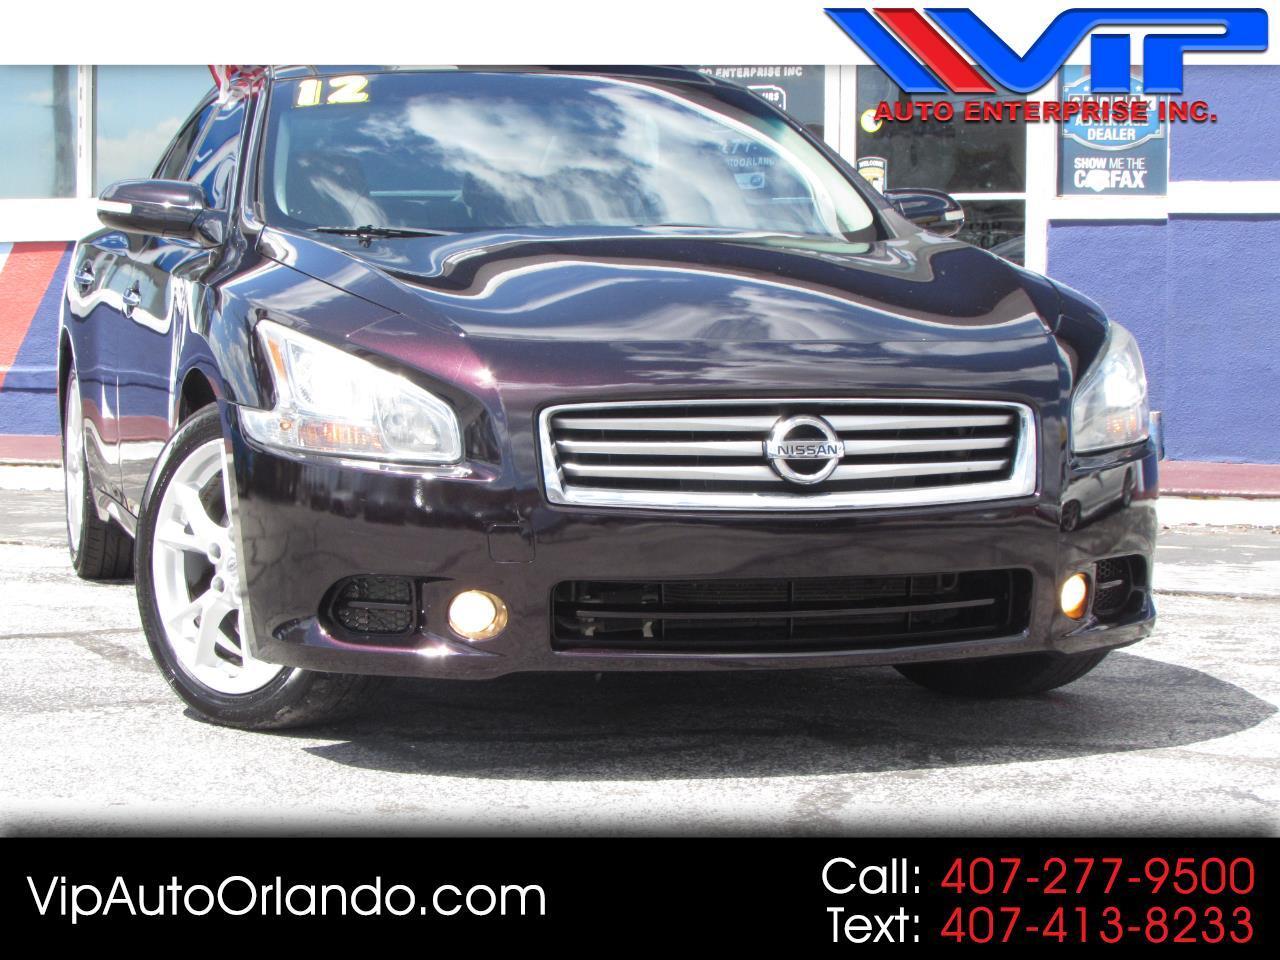 2012 Nissan Maxima 4dr Sdn V6 CVT 3.5 SV w/Premium Pkg